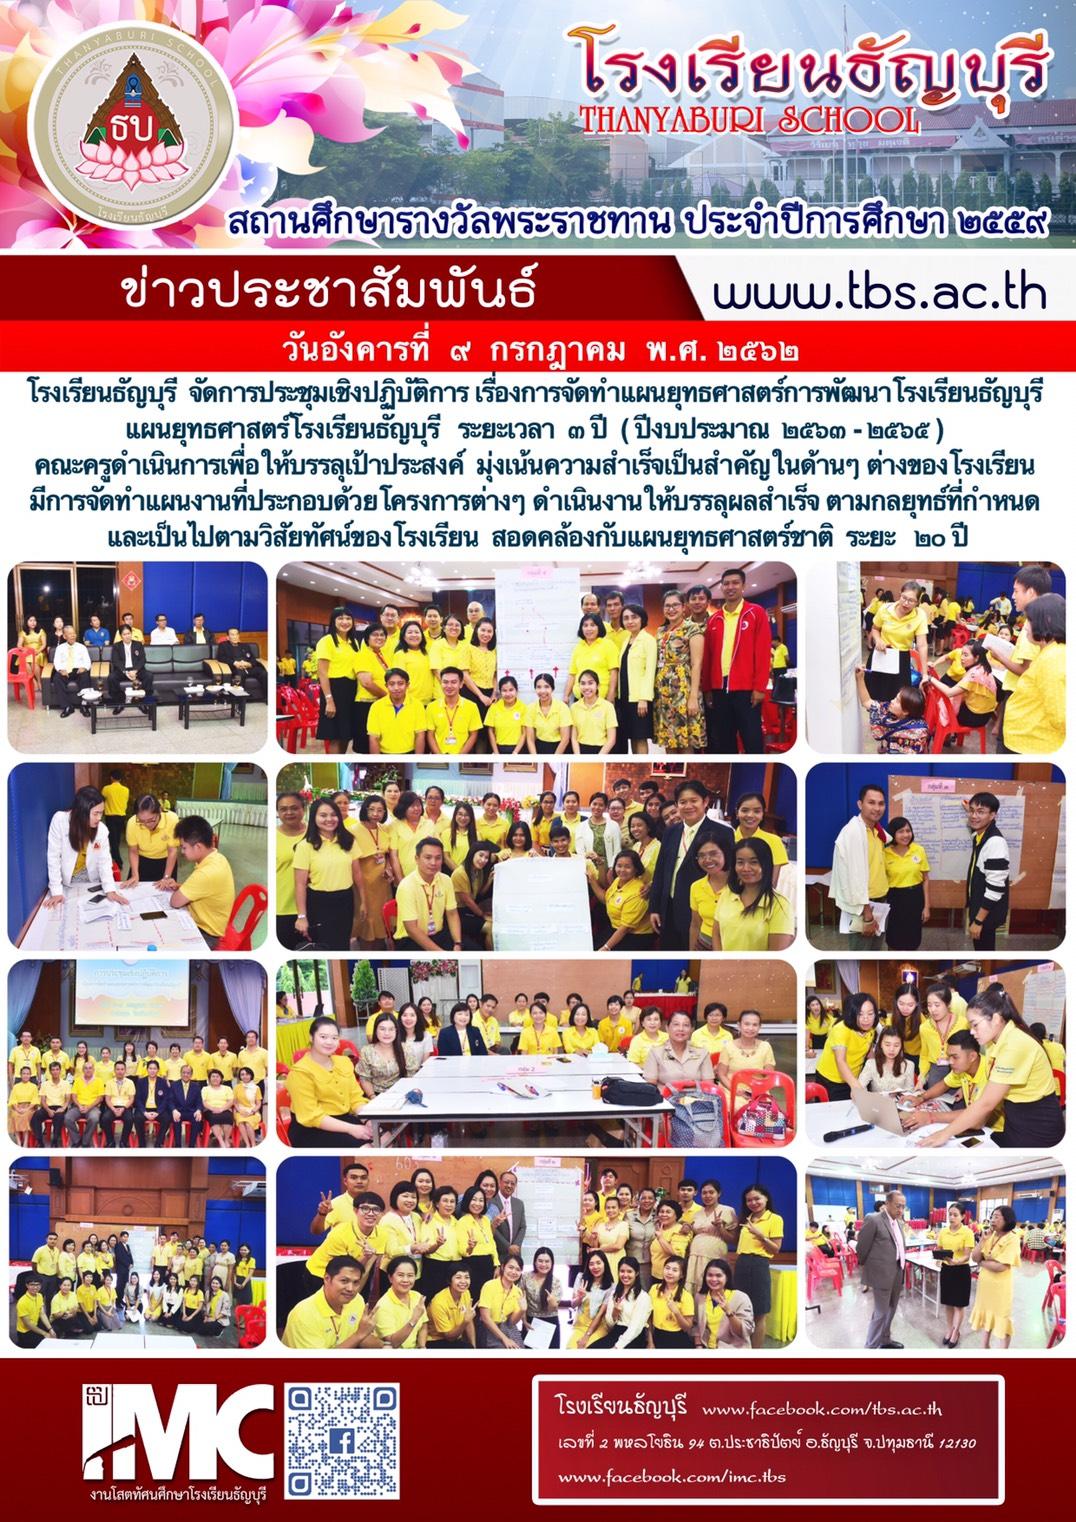 โรงเรียนธัญบุรี จัดการประชุมเชิงปฏิบัติการ เรื่องการจัดทำแผนยุทธศาสตร์การพัฒนาโรงเรียนธัญบุรี ระยะเวลา 3 ปี (ปีงบประมาณ 2562-2565)